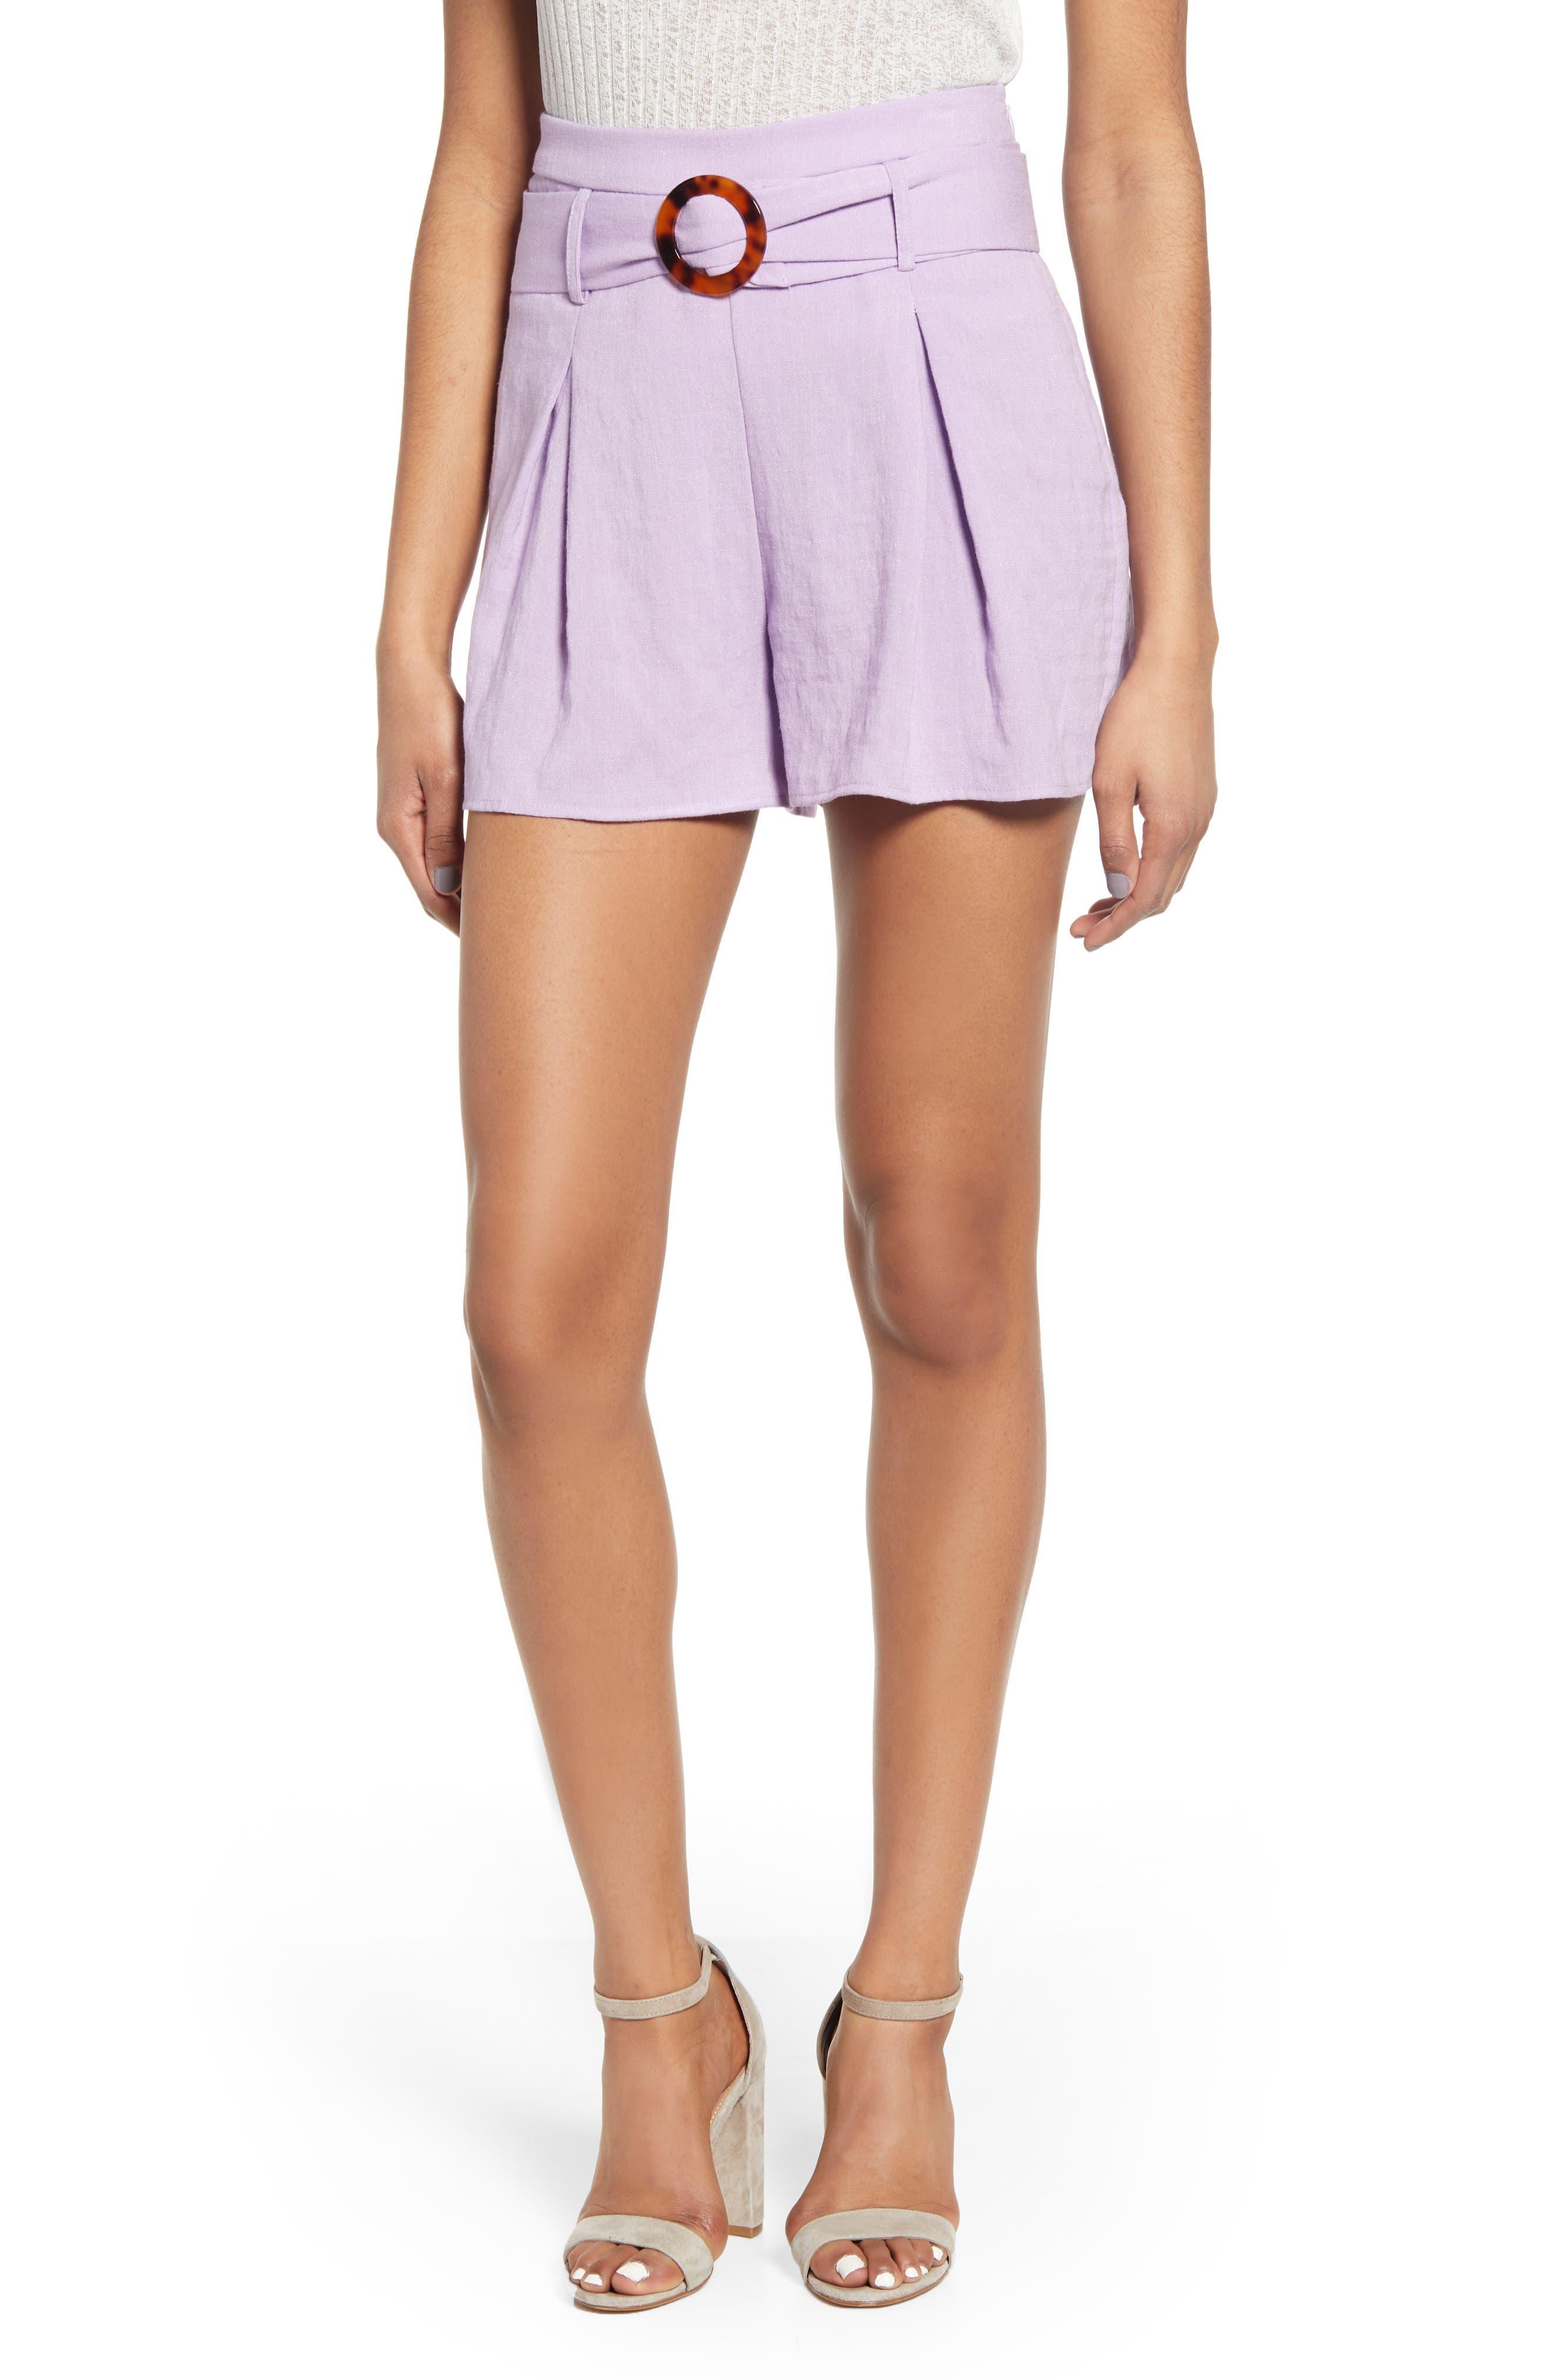 Vintage Shorts, Culottes,  Capris History Womens J.o.a. Belted Flare Shorts $45.00 AT vintagedancer.com